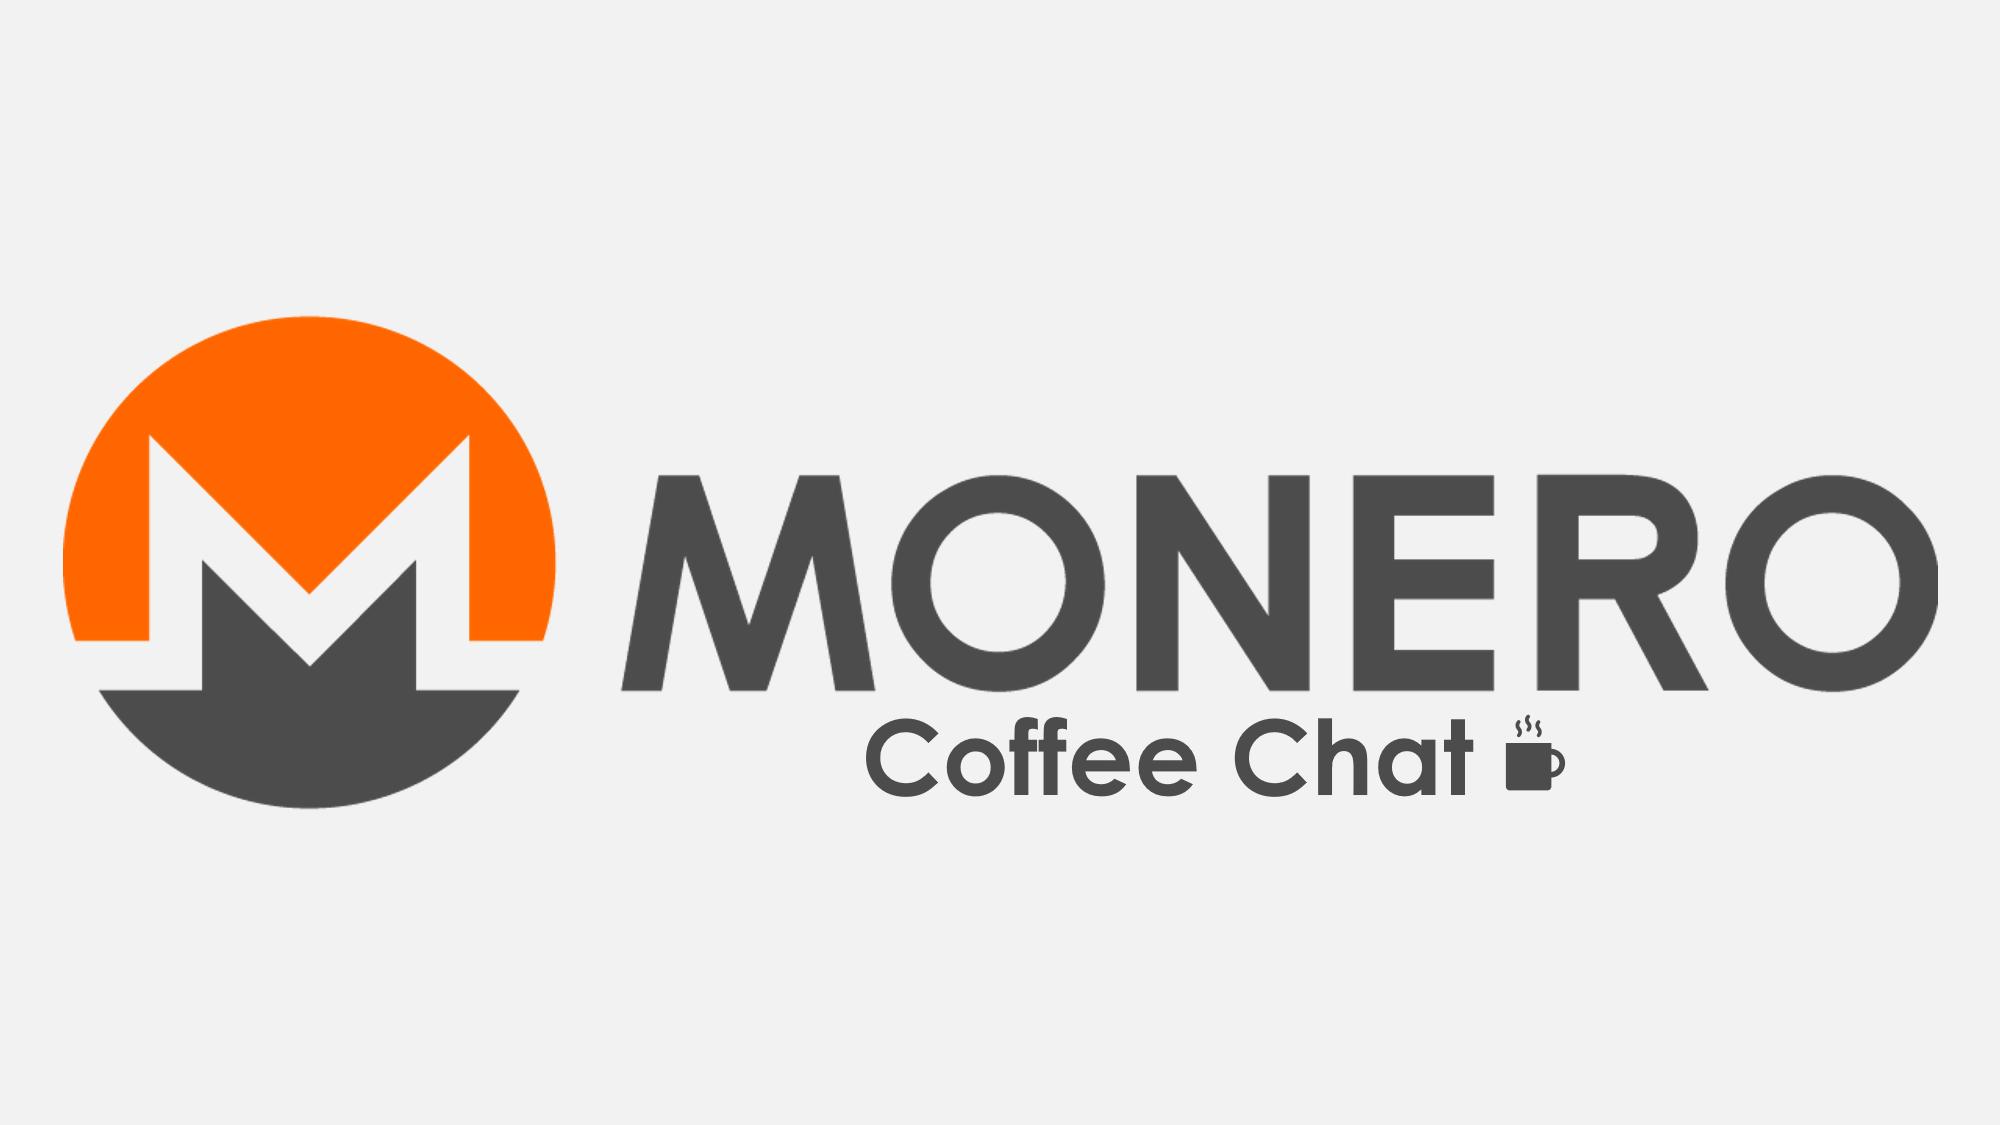 Monero Coffee Chat